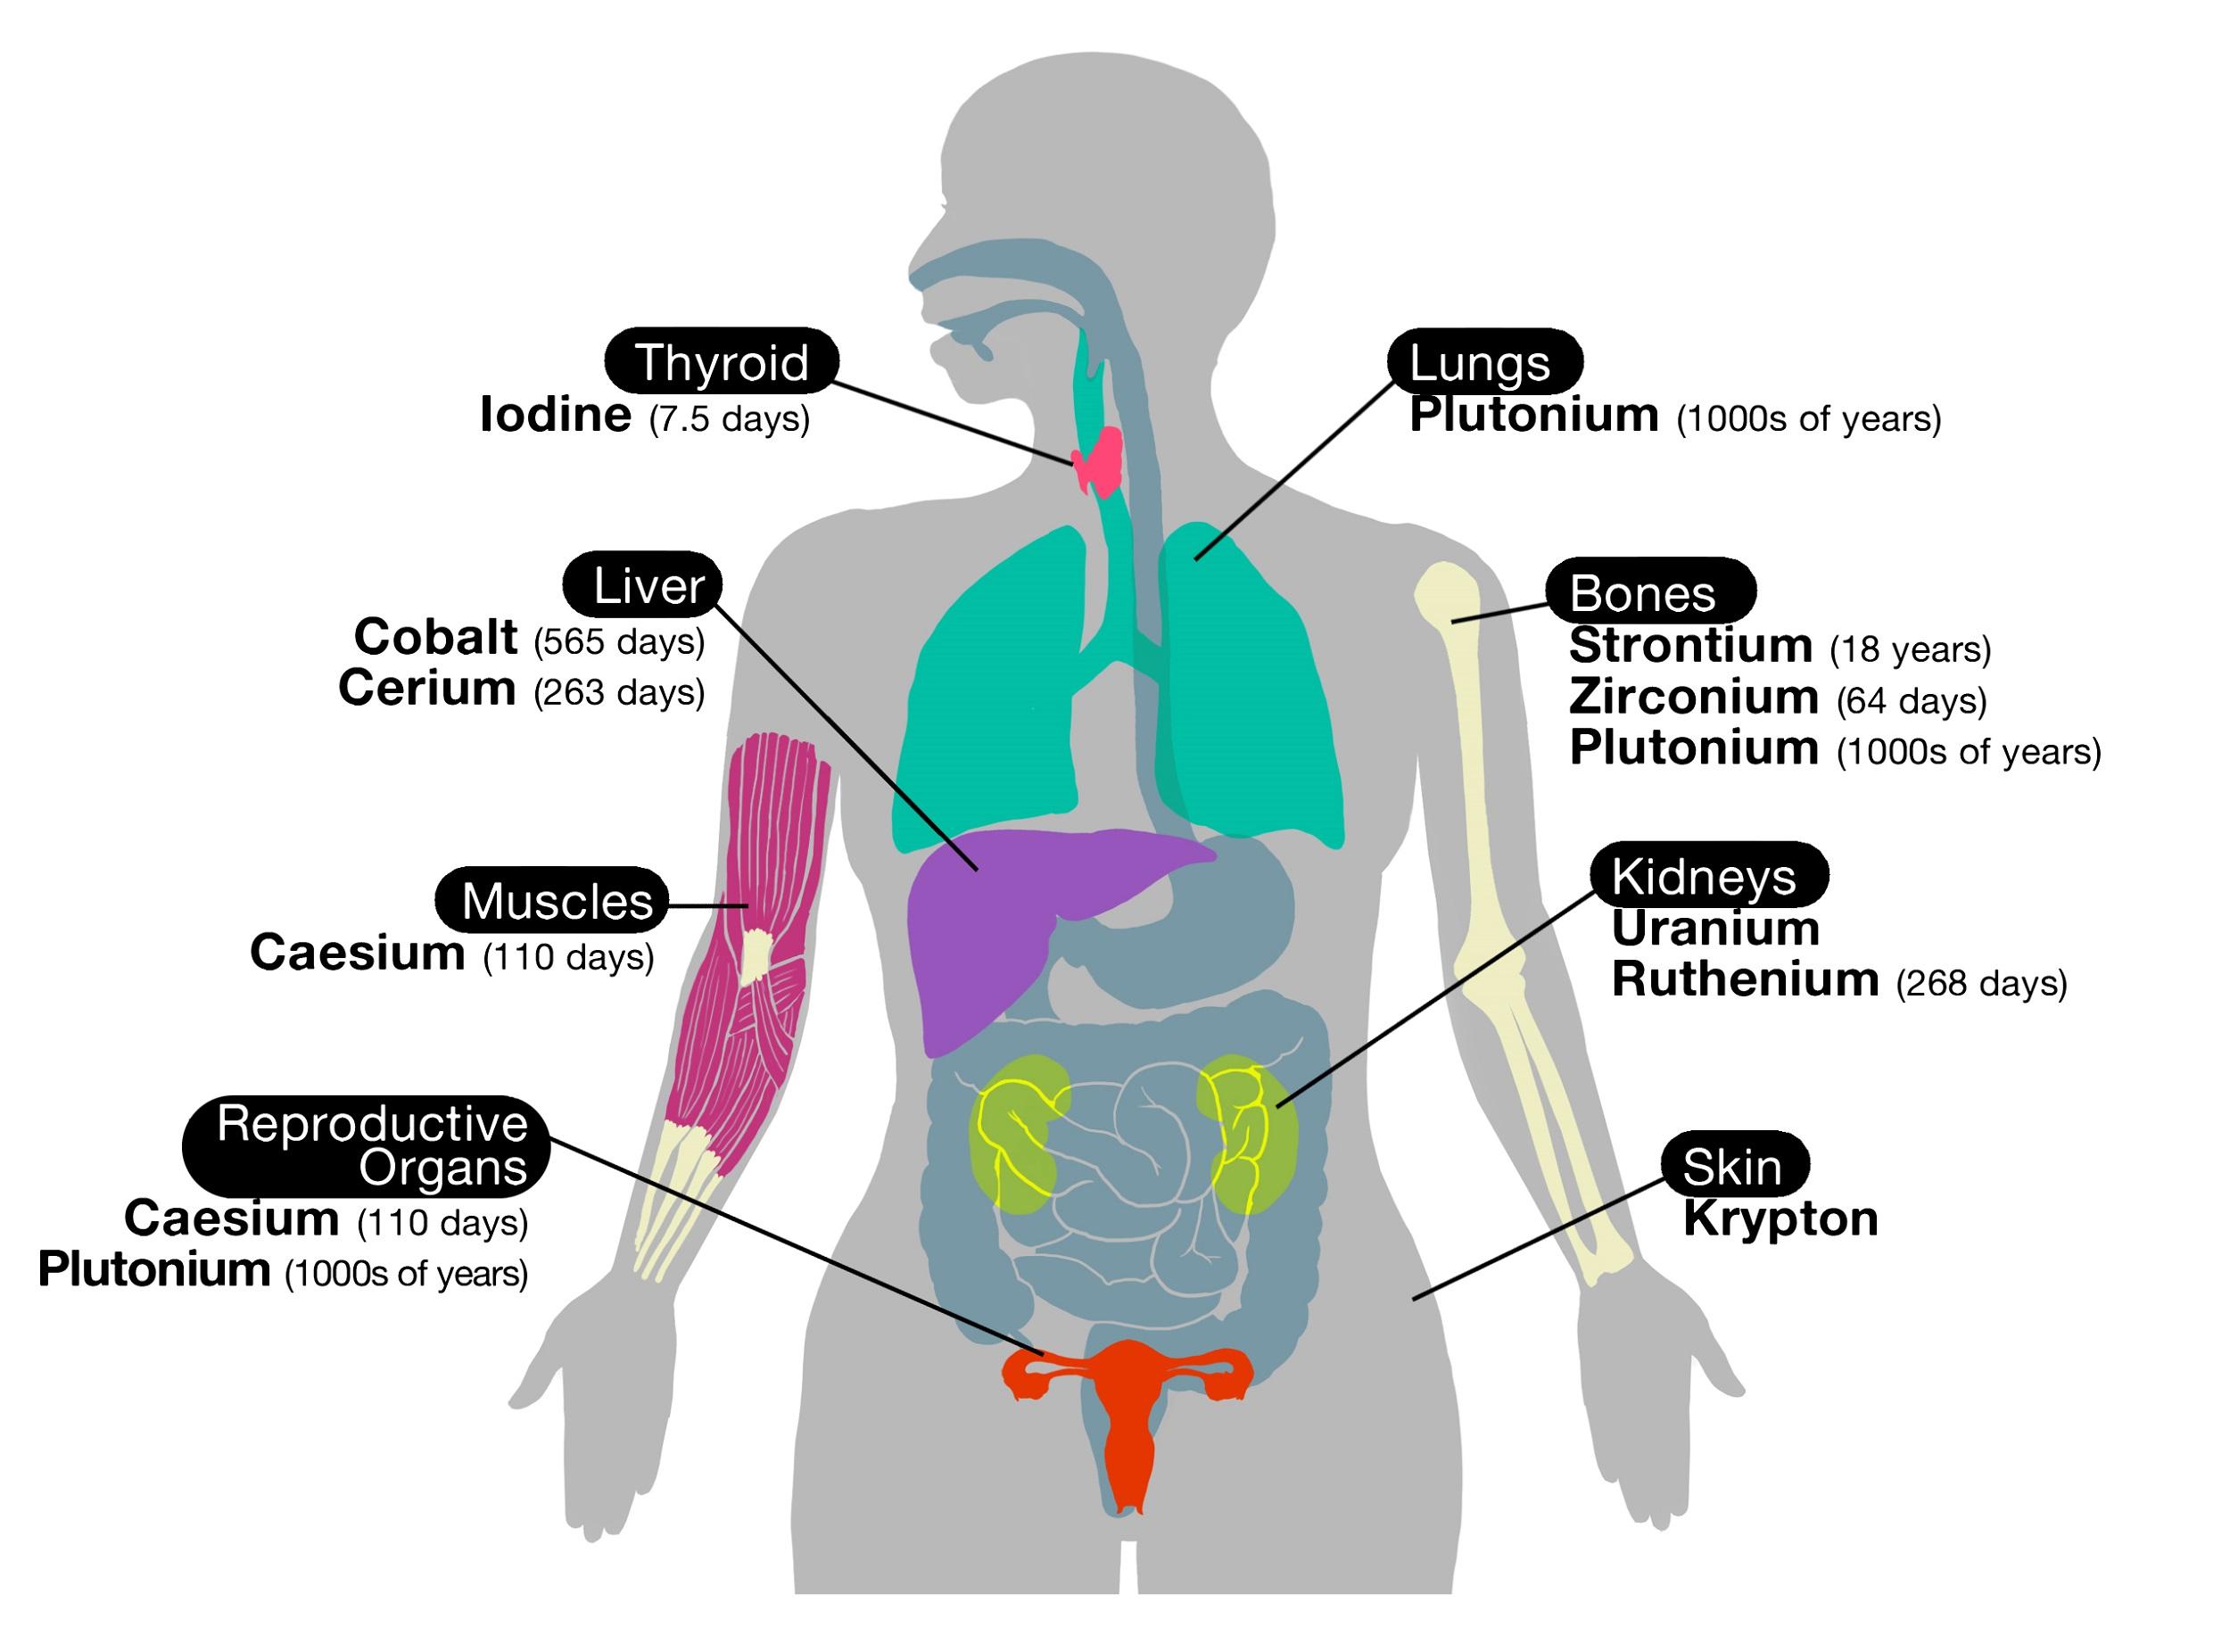 Human Organs Drawing